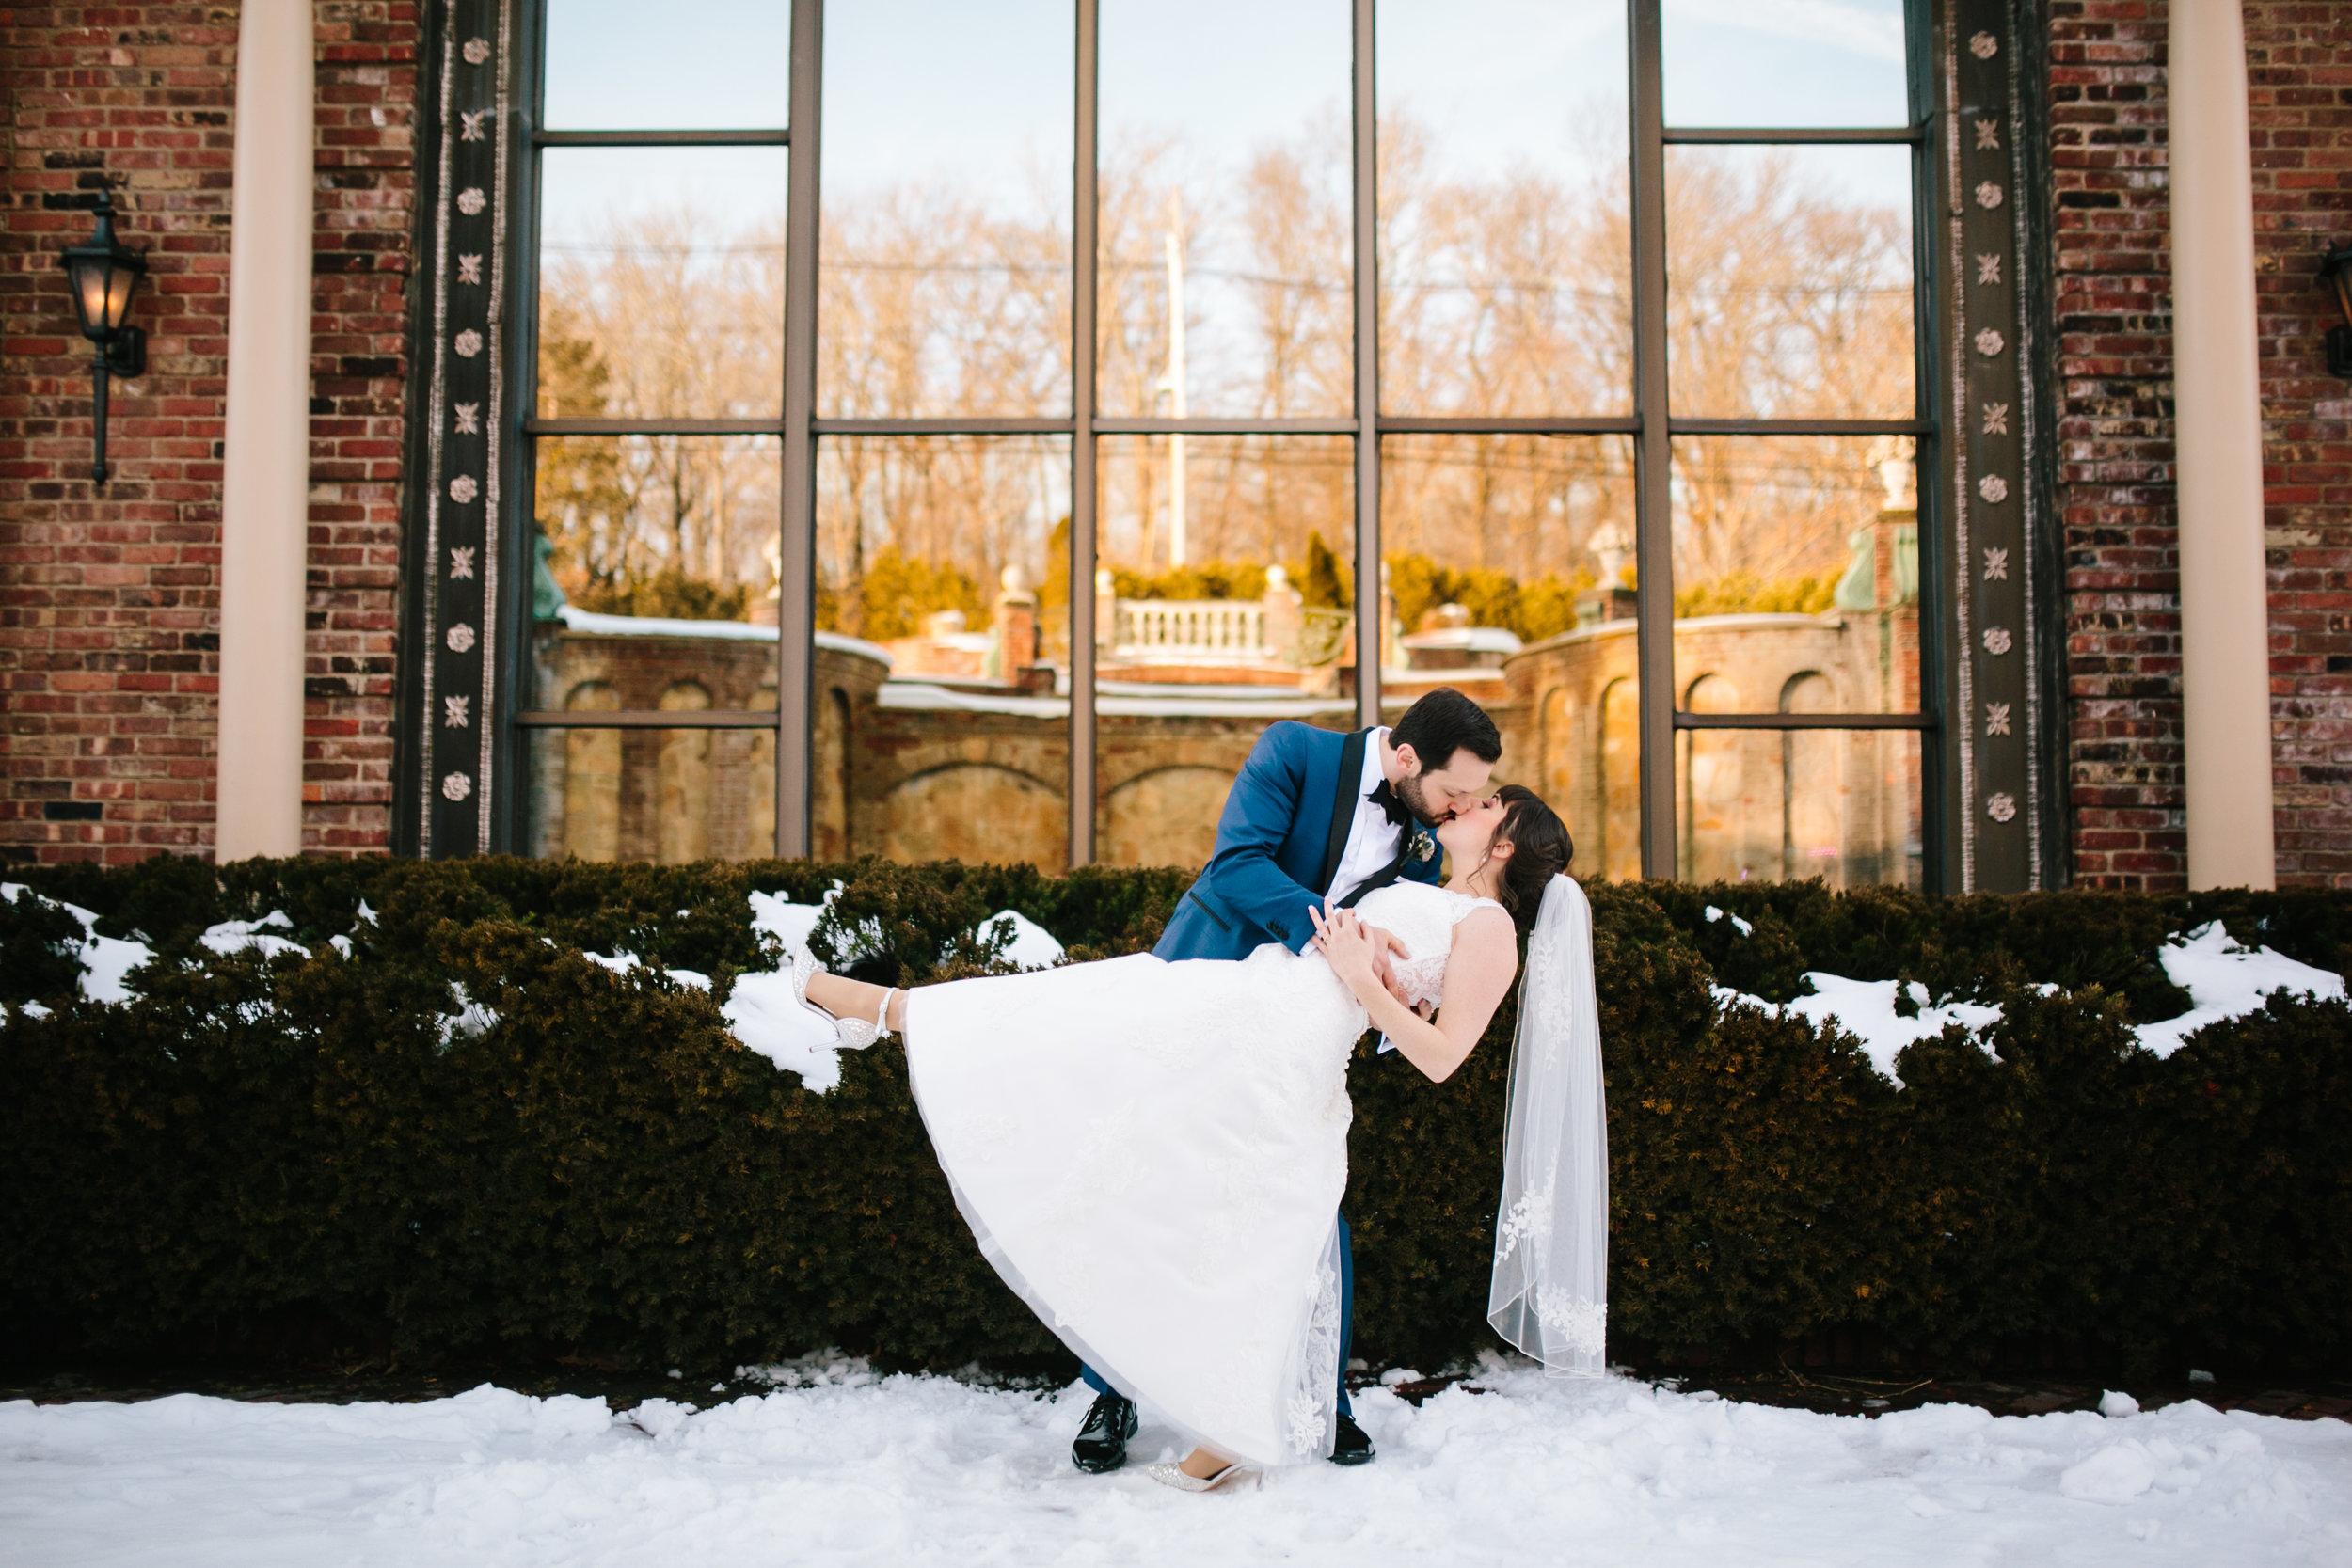 michelledaniel_themanor_winter_wedding_image-508.jpg